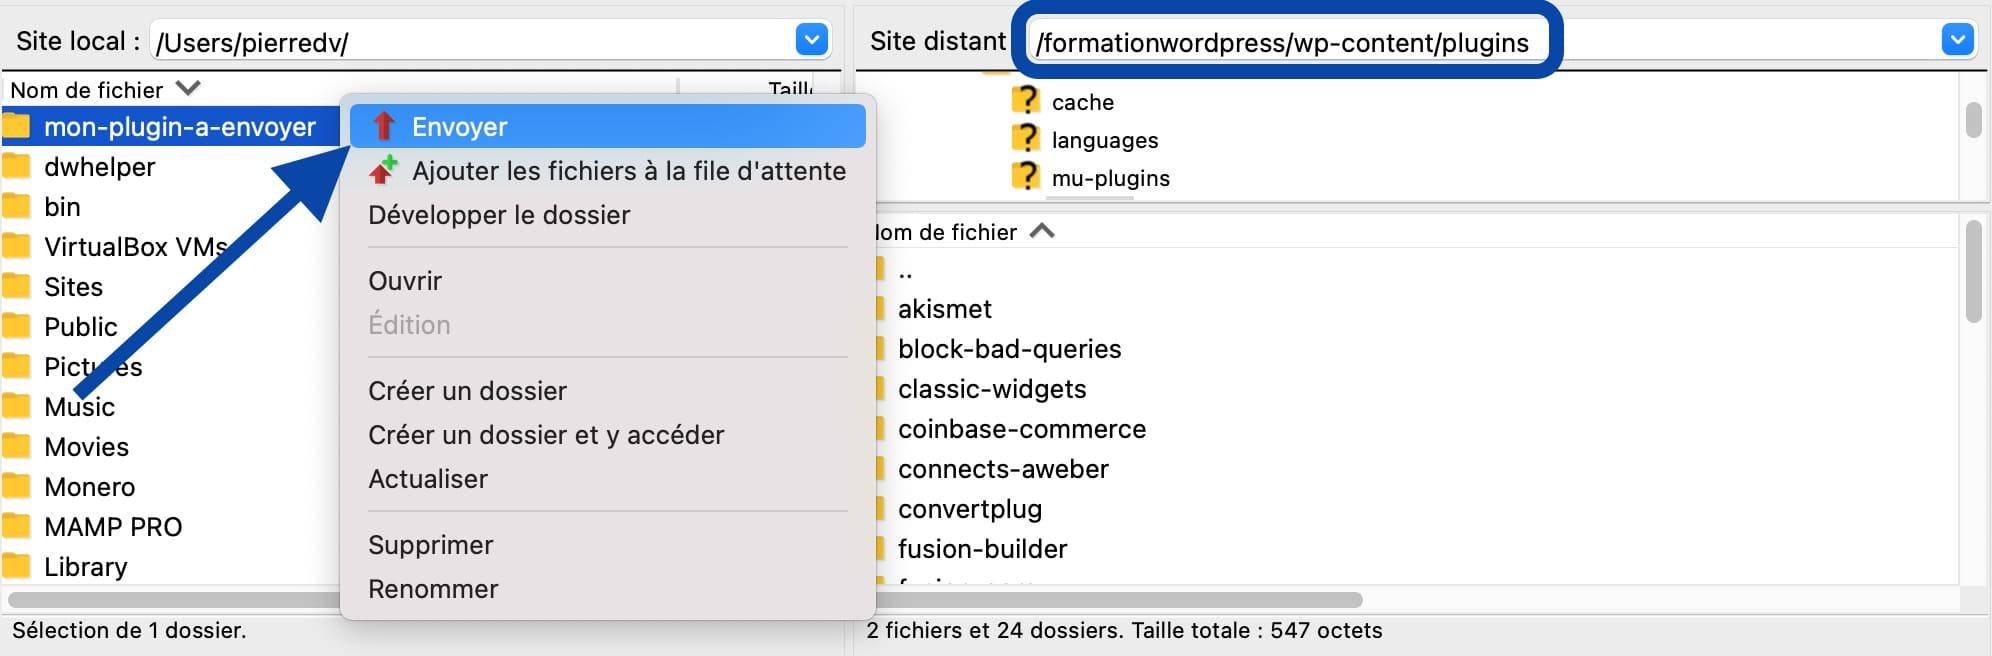 Installer une extension WordPress via un logiciel FTP tel que Filezilla